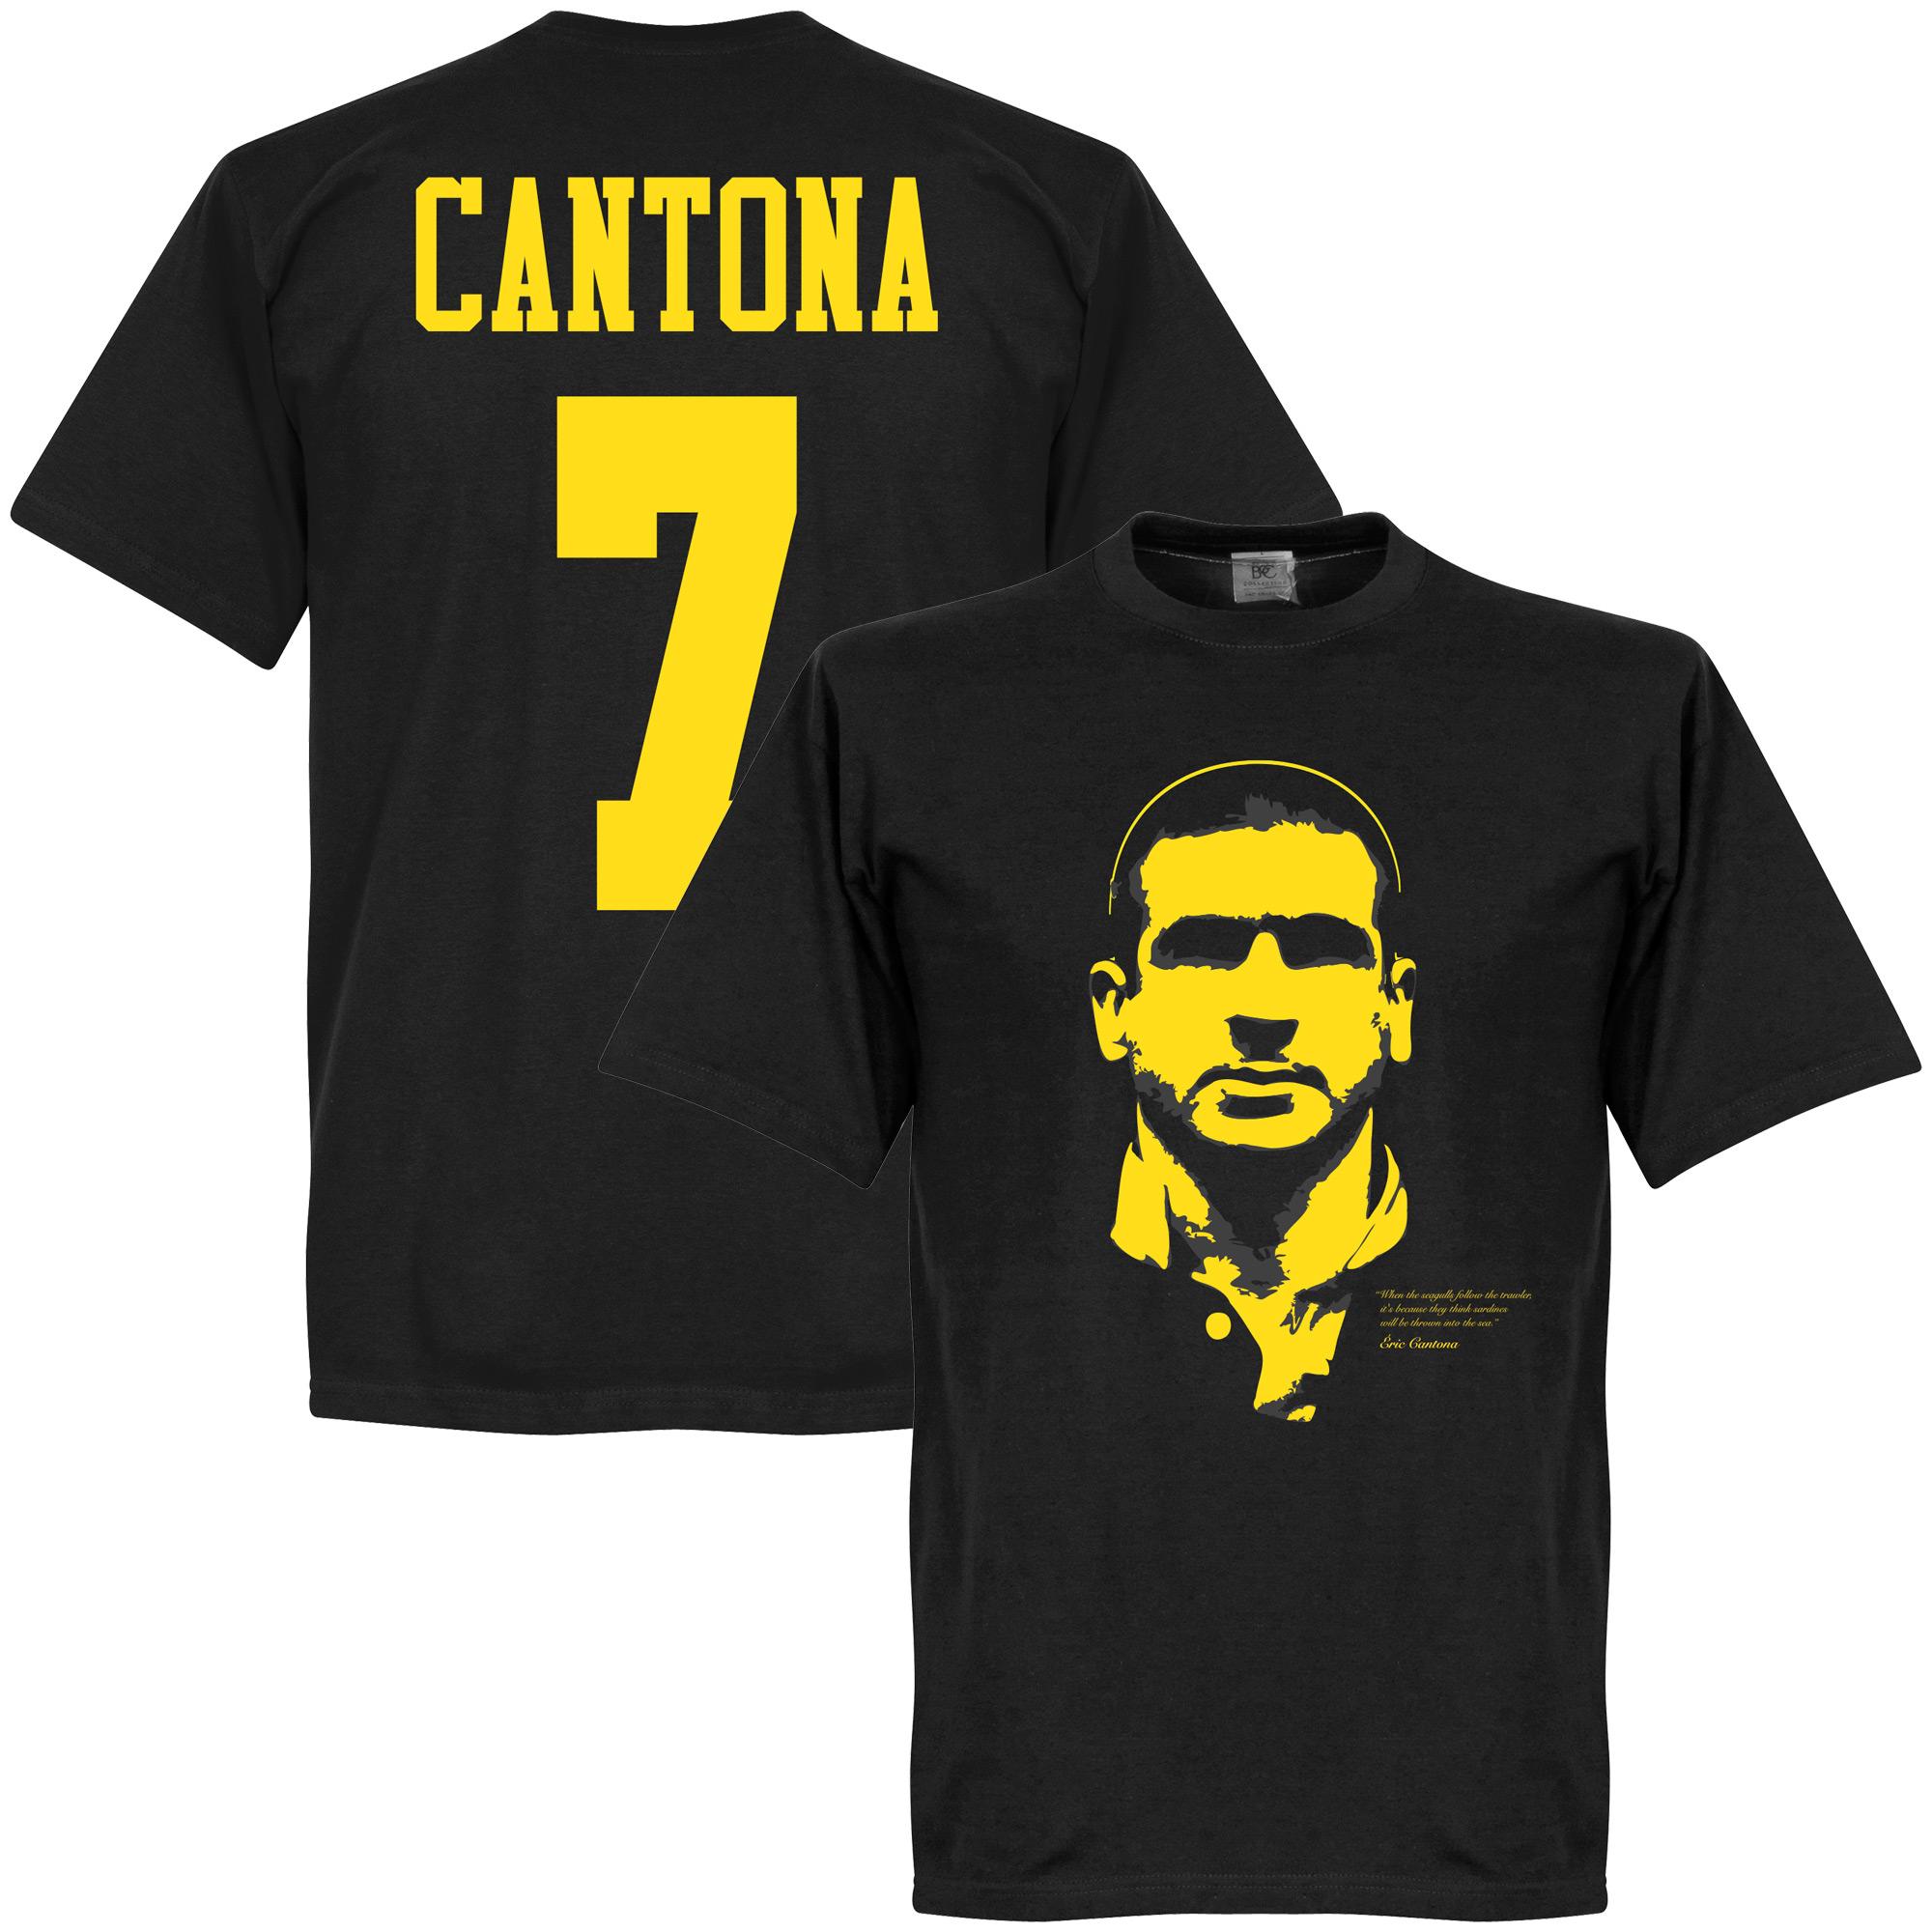 Cantona Silhouette Tee - Black - XXXXXL